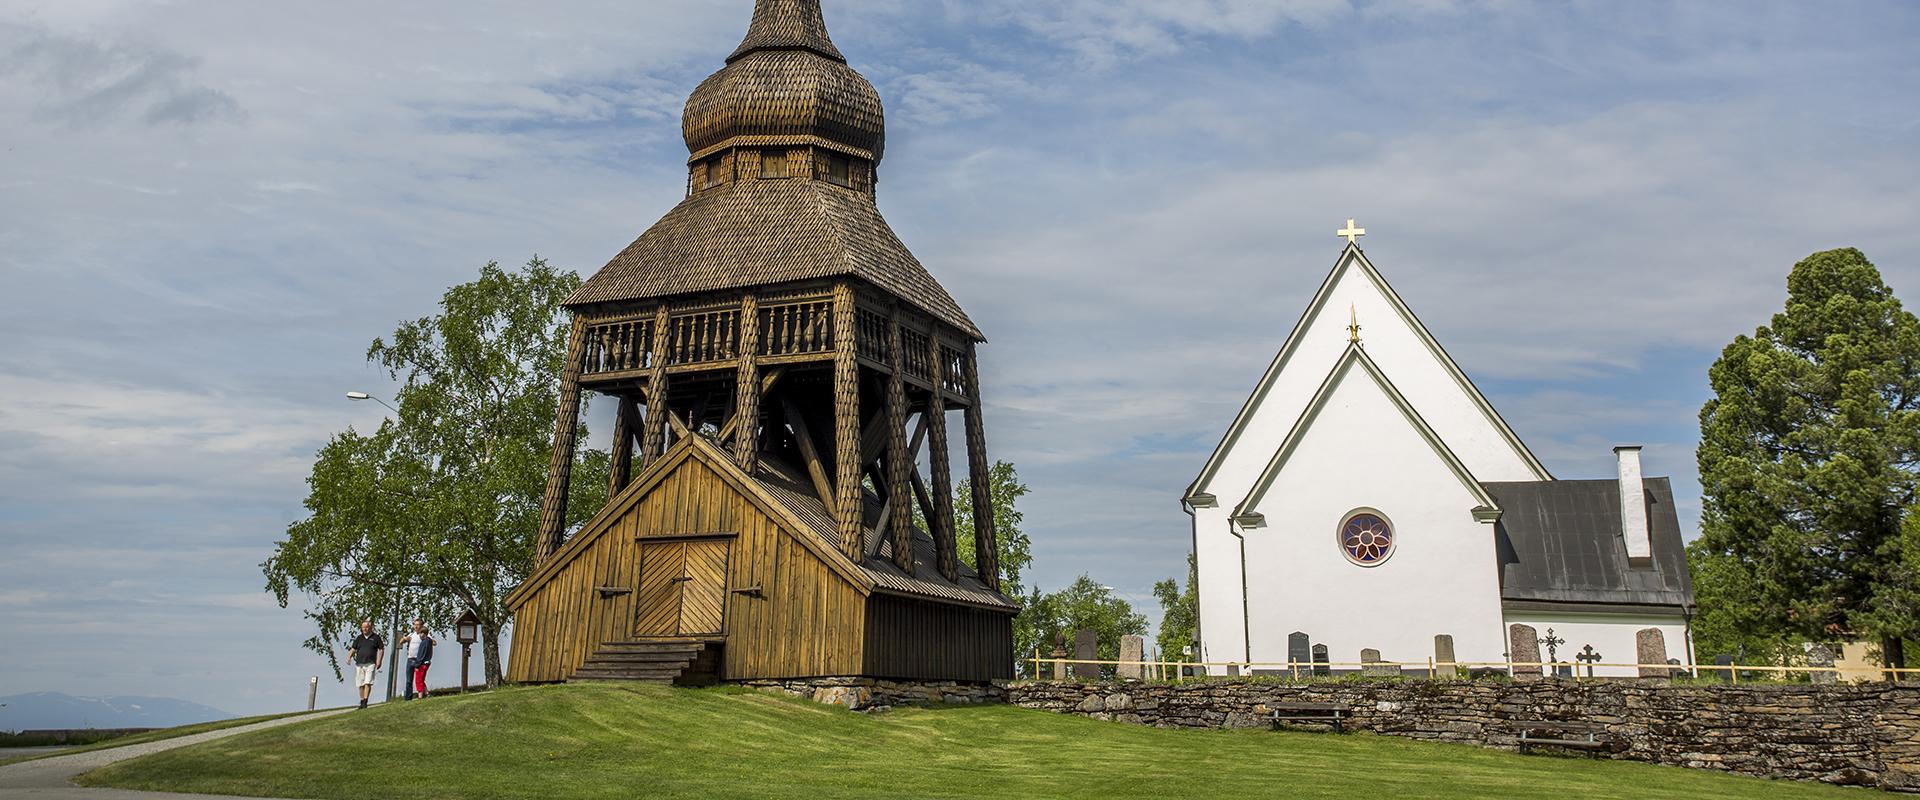 Frösö church